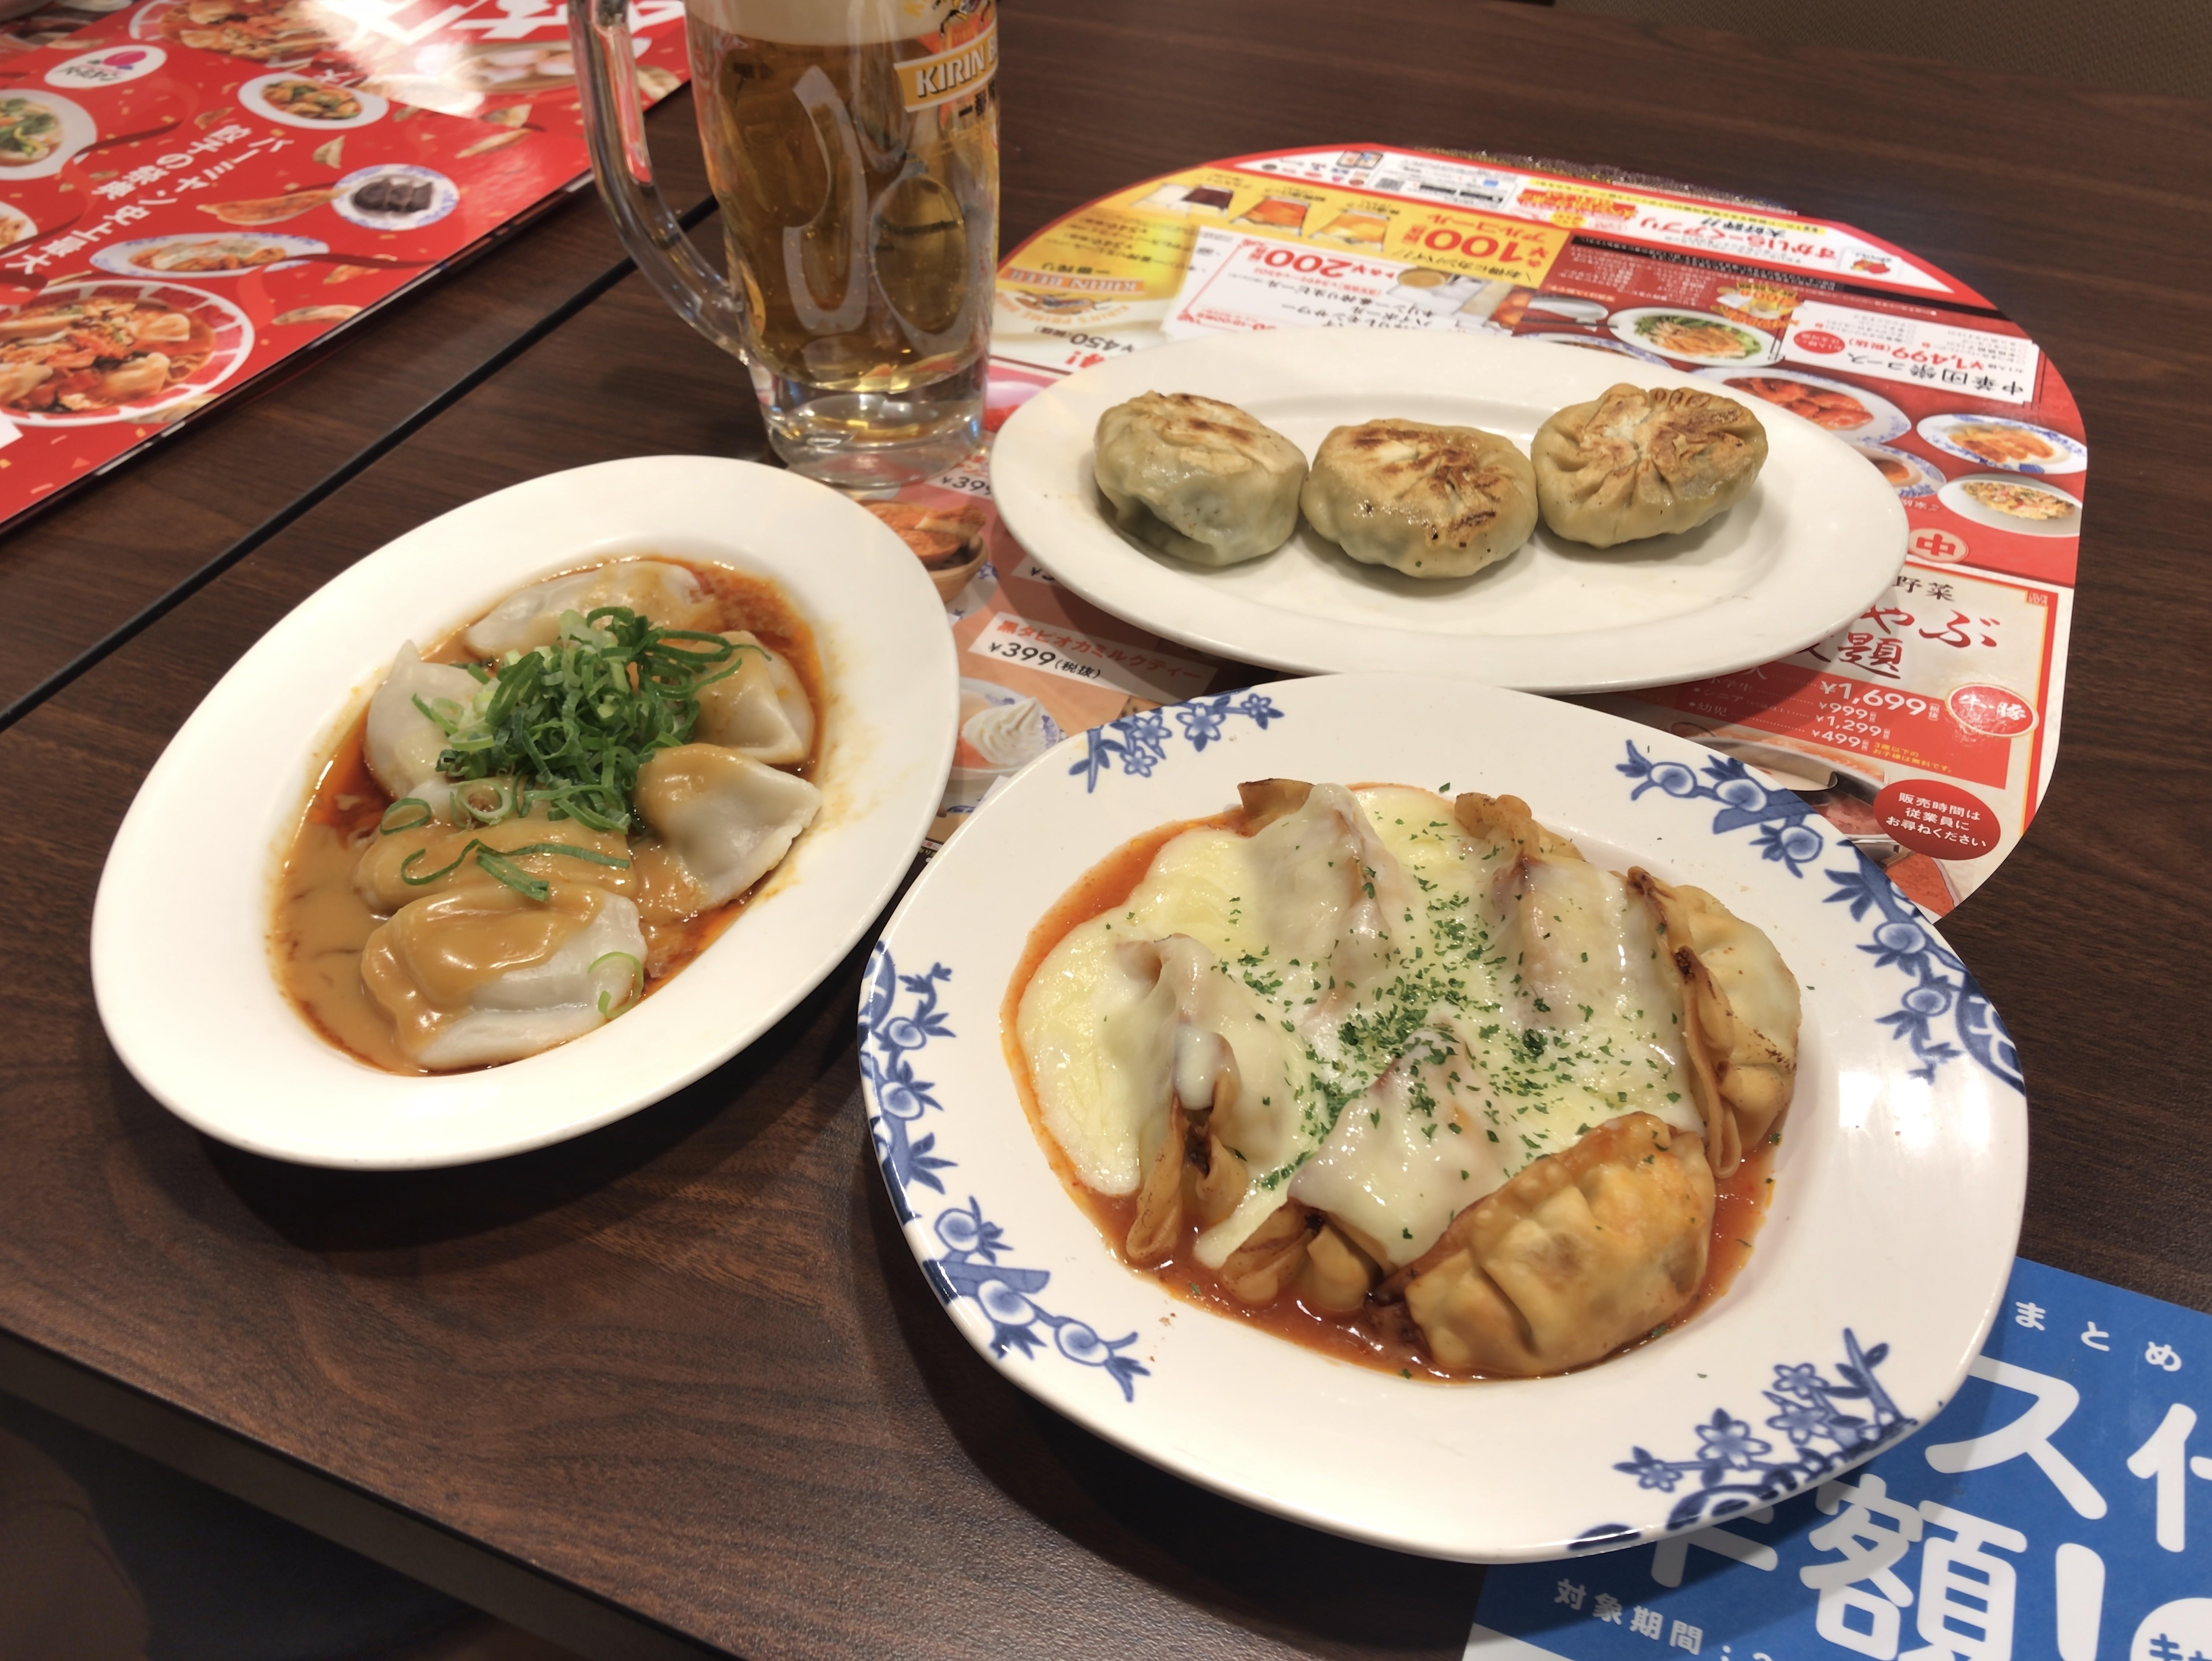 バーミヤン 餃子博覧会 水餃子四川胡麻ソース ニラと鶏肉の焼まんじゅ